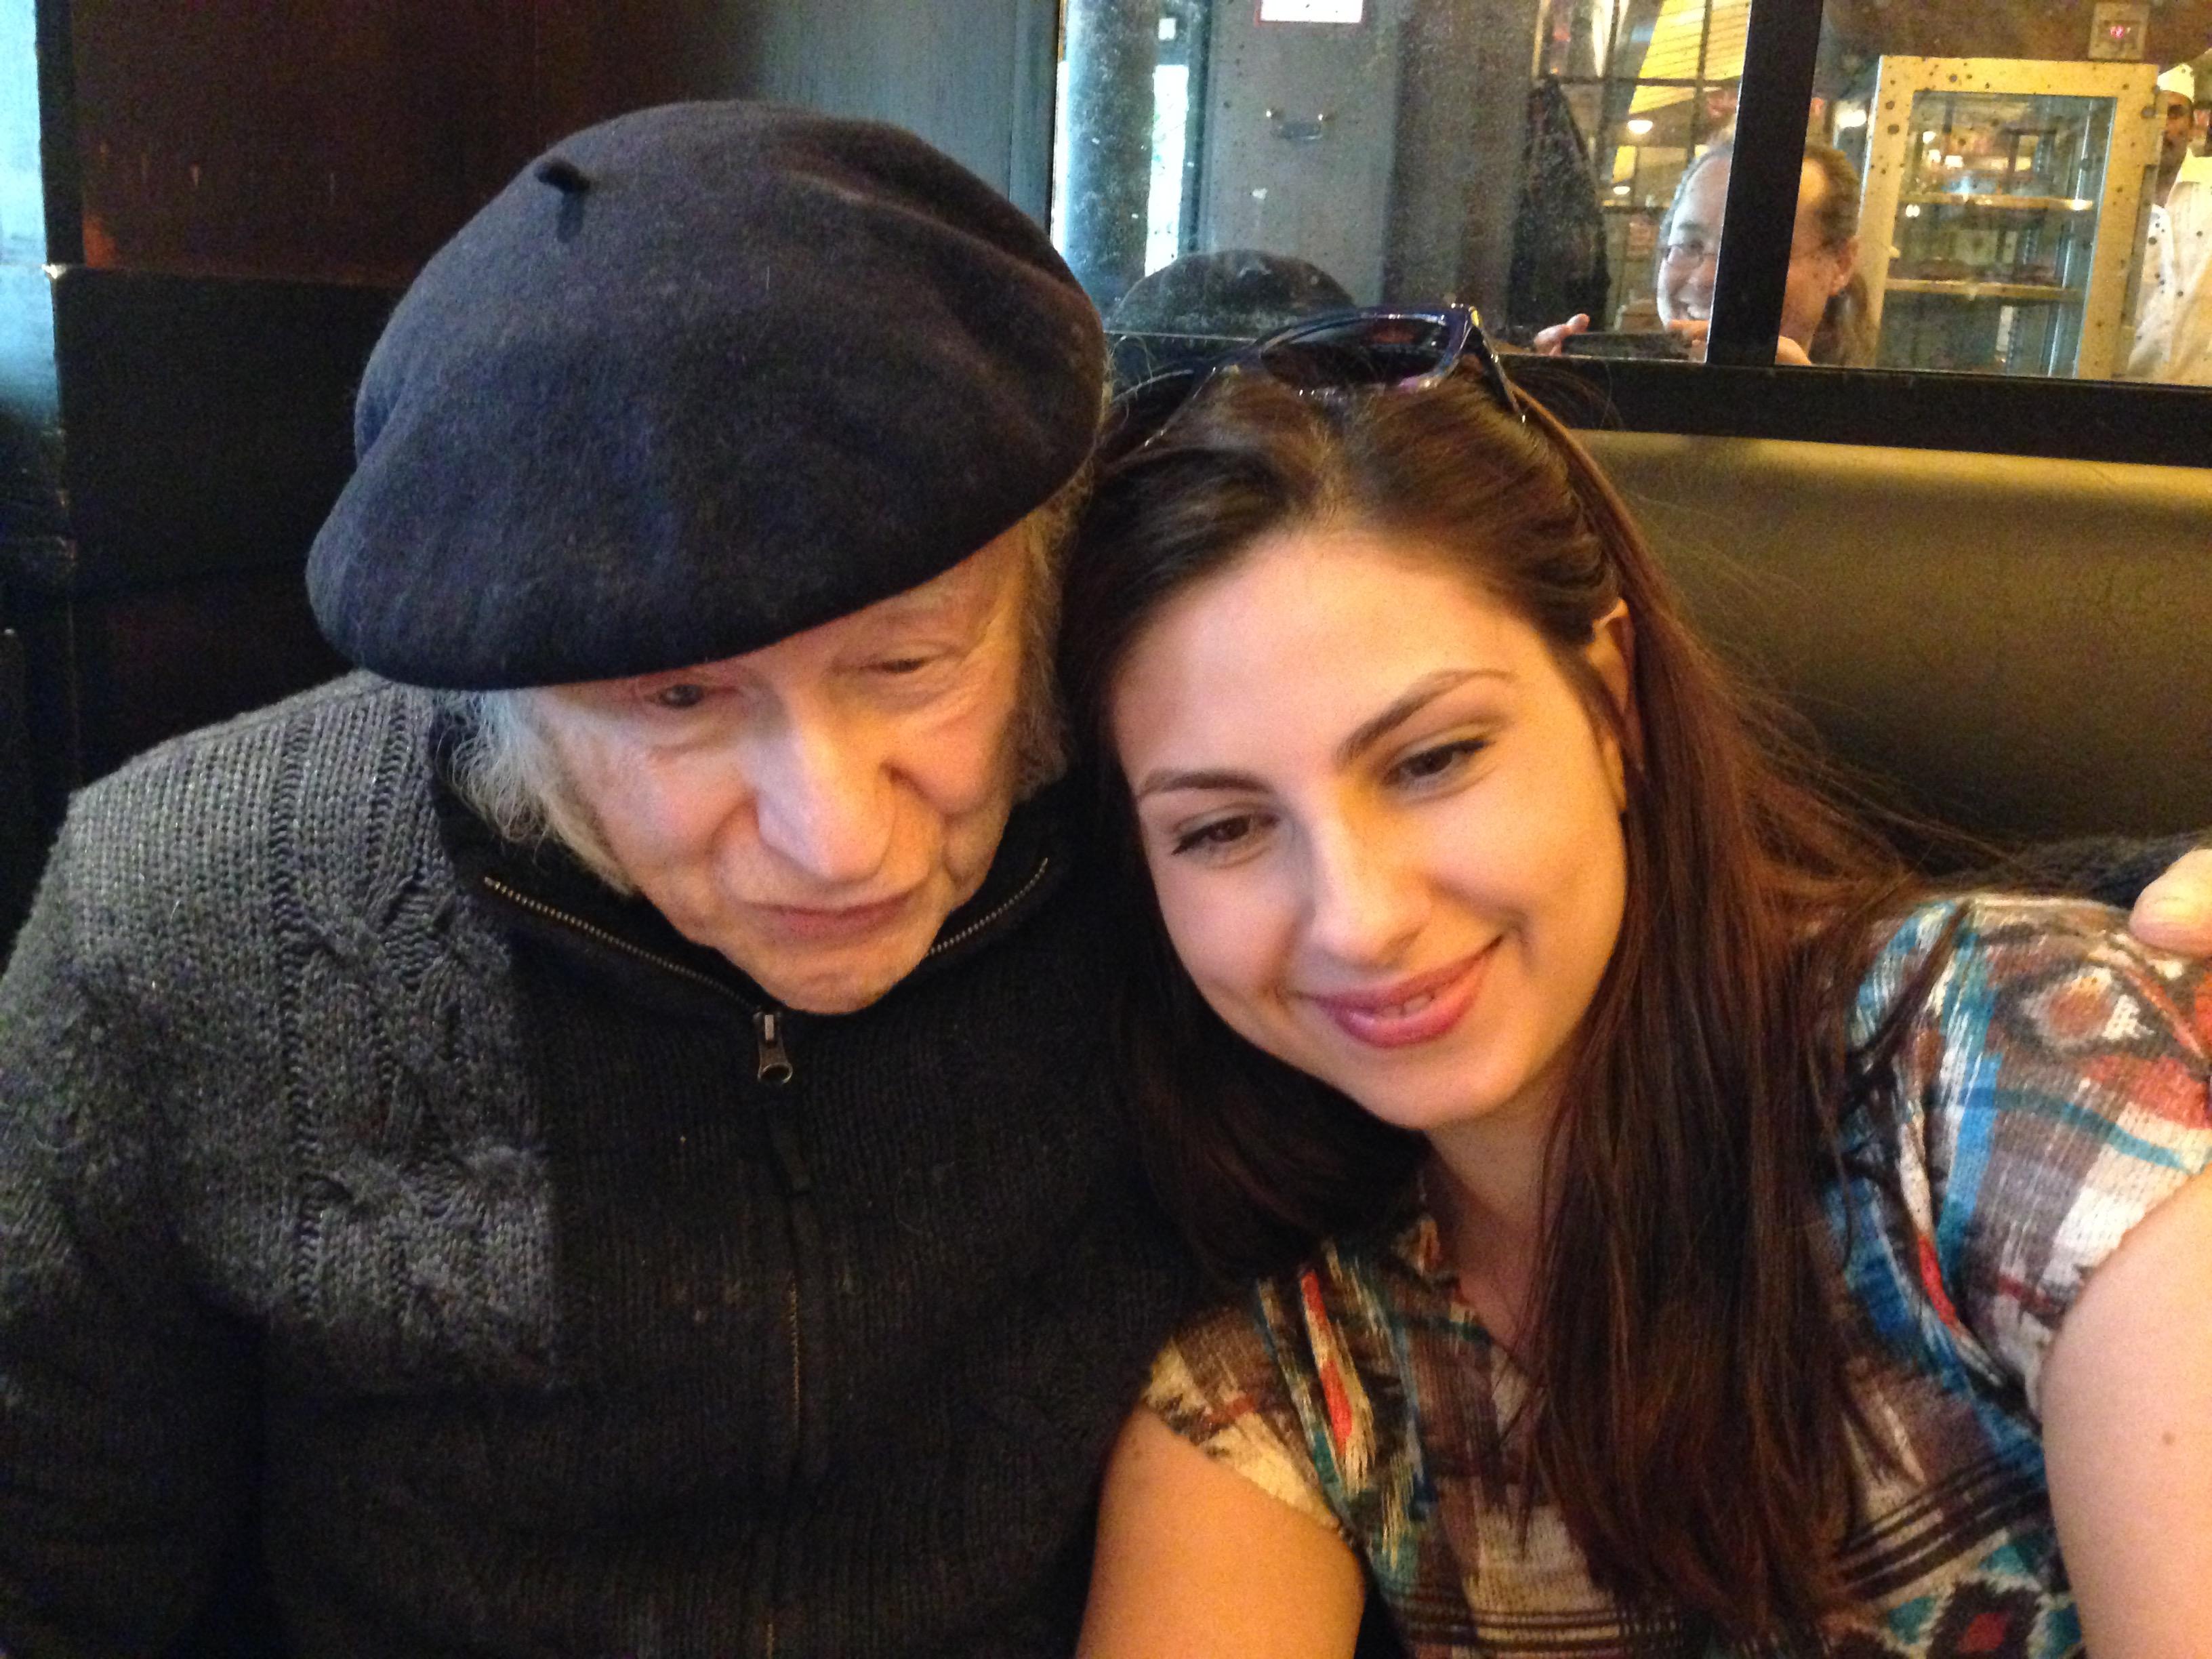 Edgar Hilsenrath with Anna Karabekyan in a café in Paris, April 2015.